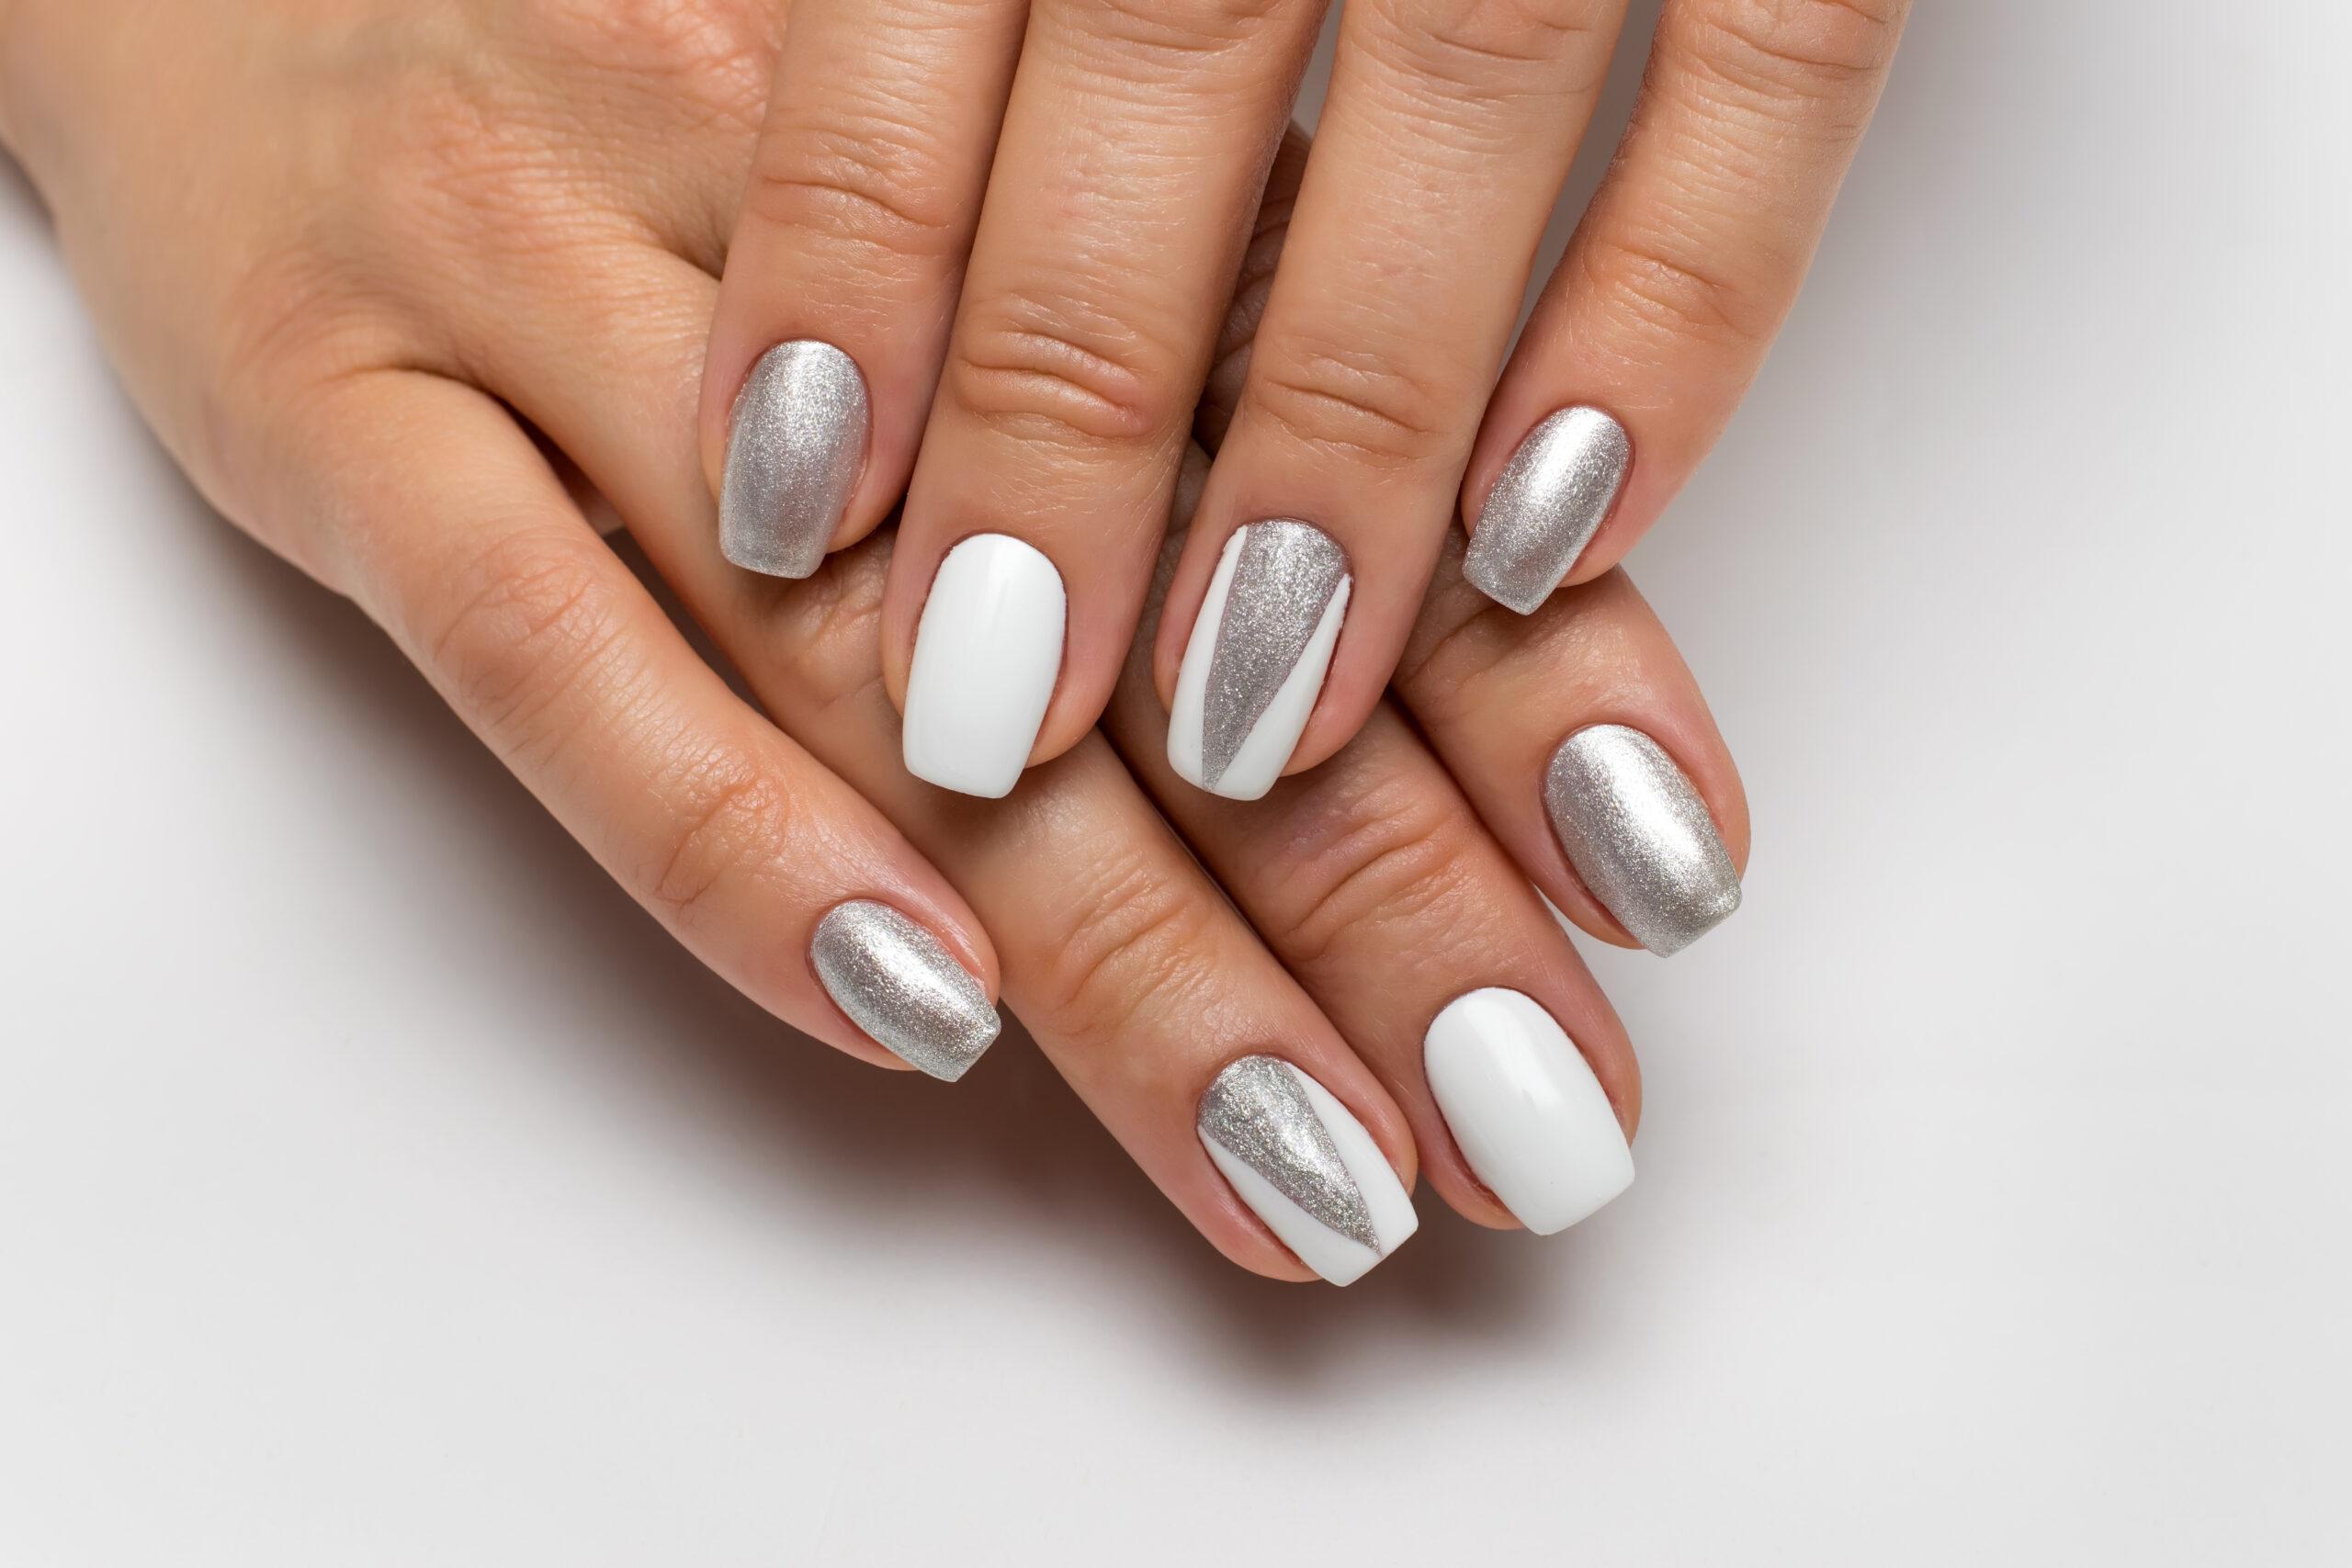 paznokcie ślubne w kolorze bieli i srebra